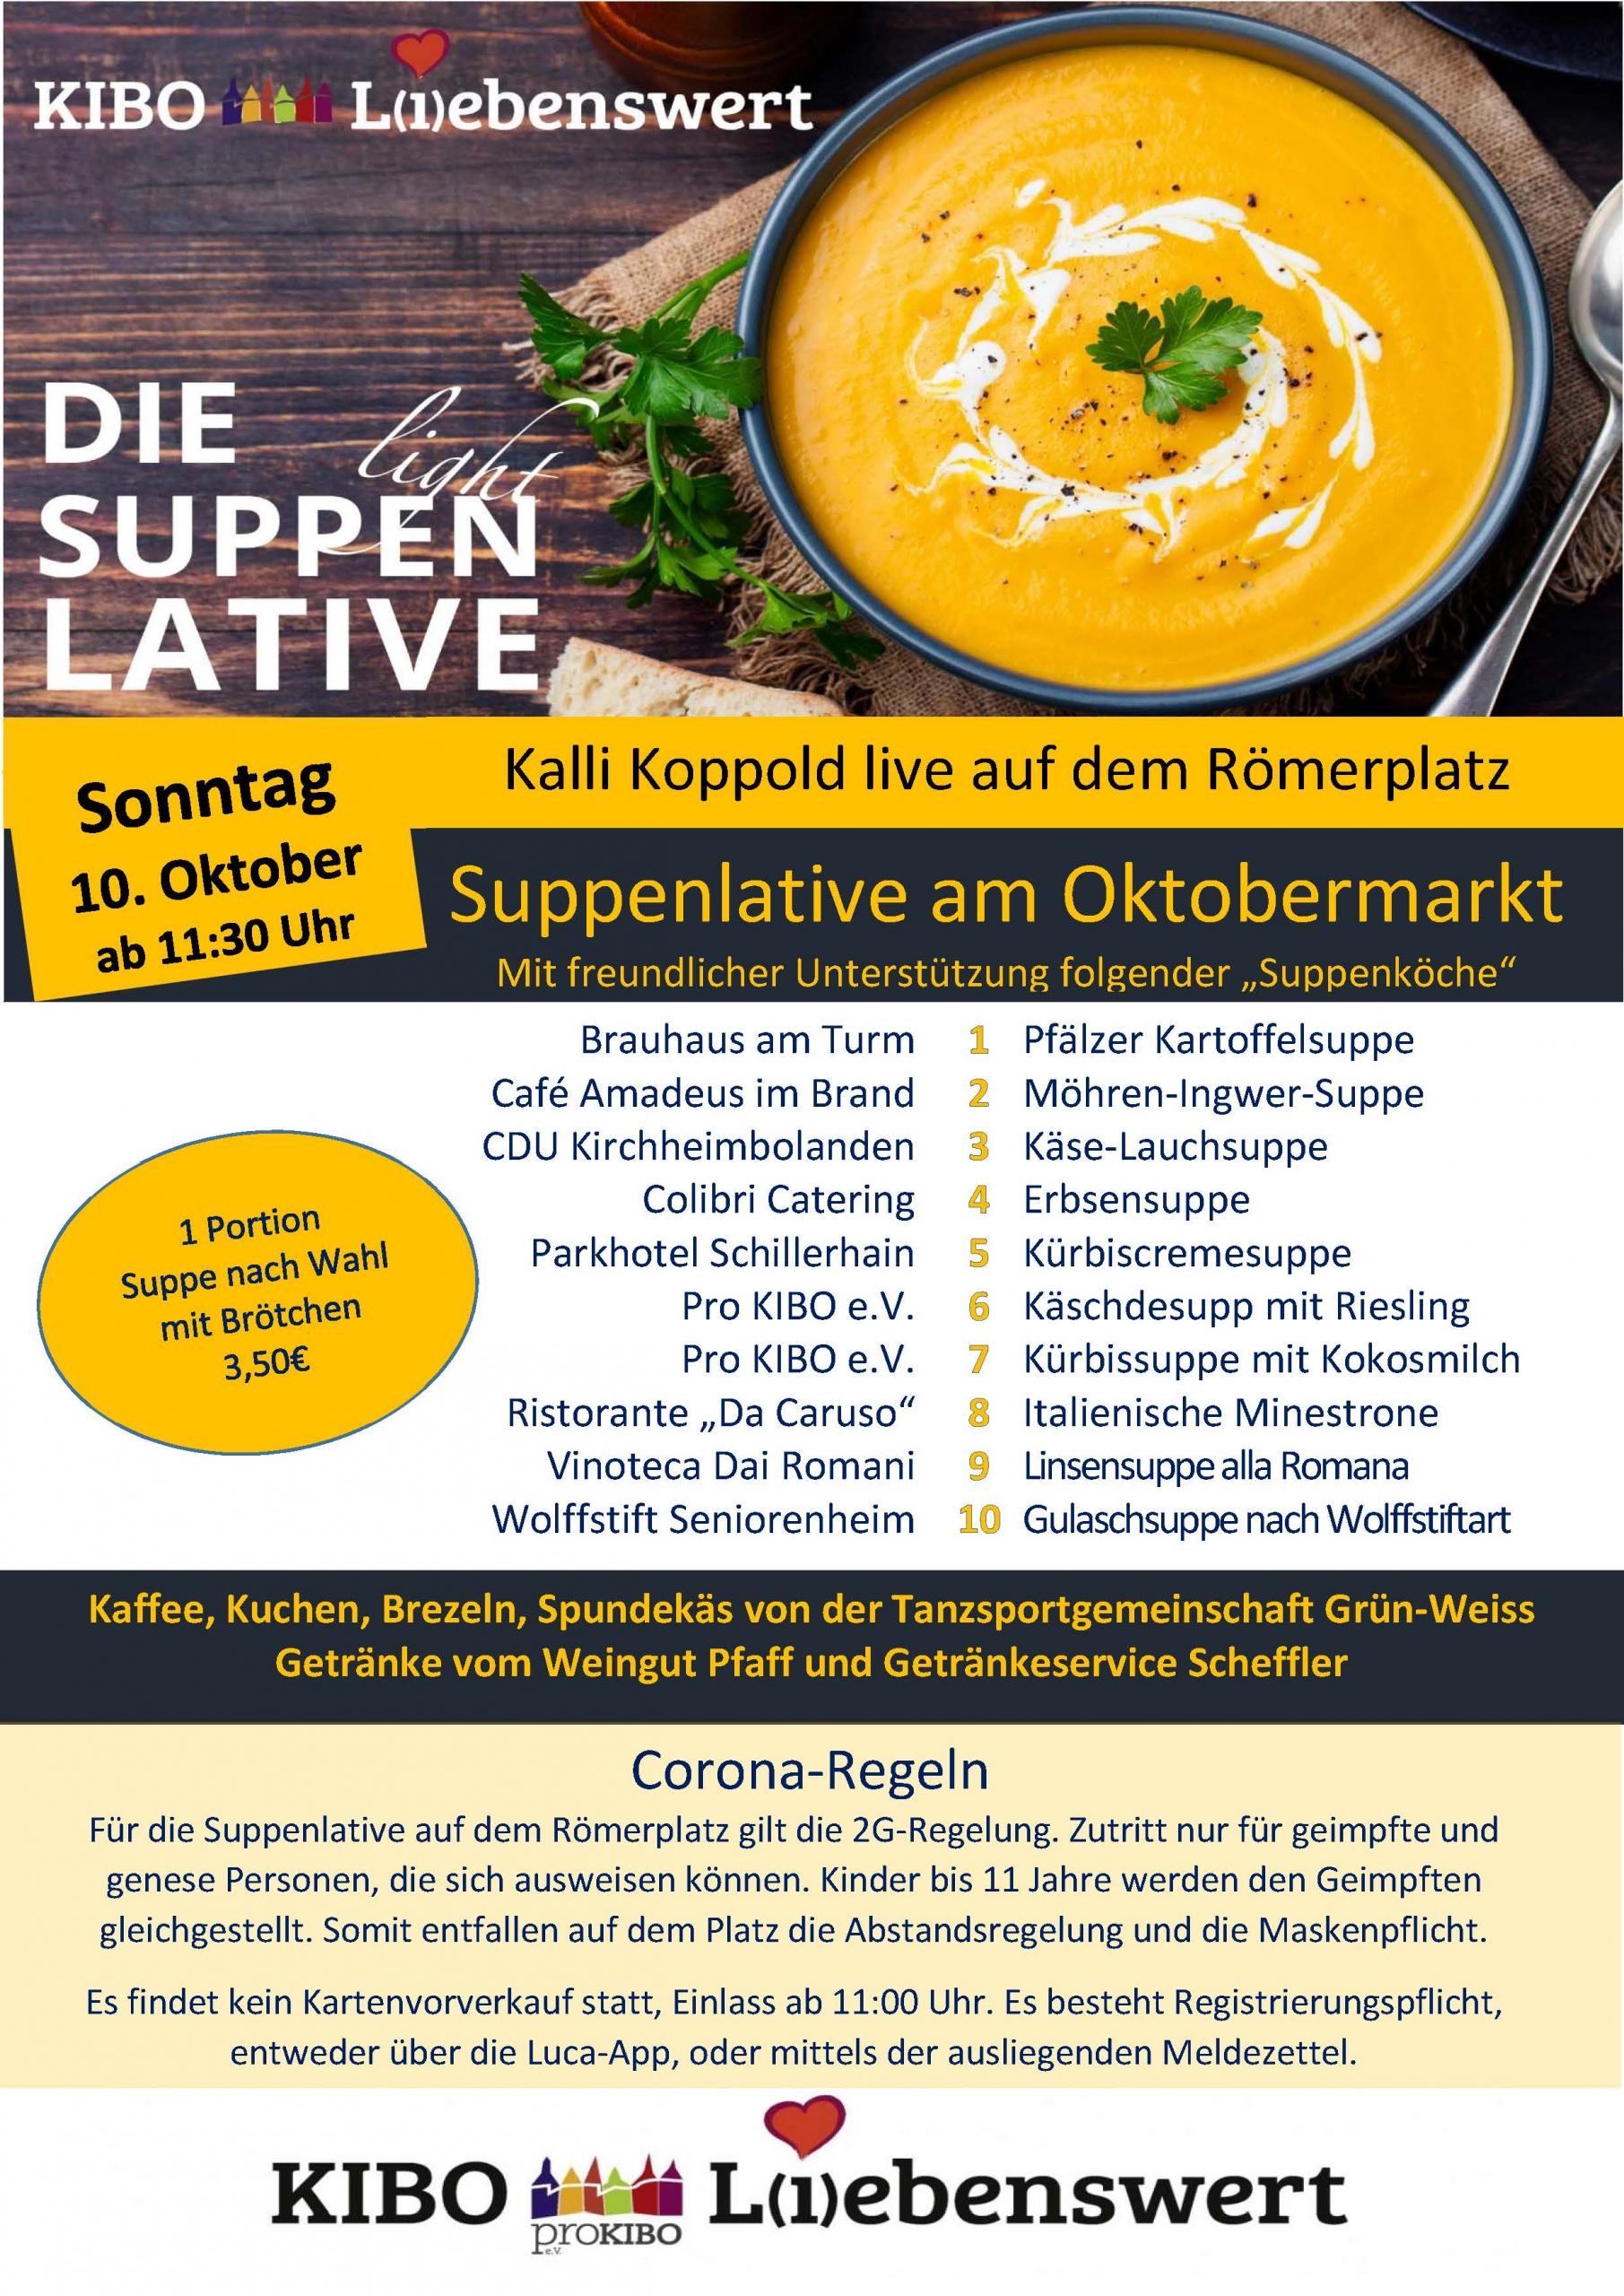 KIBO Liebenswert der Oktobermarkt 2021 - Suppenlative am 10.10.2021 in Kirchheimbolanden auf dem Römerplatz präsentiert von proKIBO e.V.